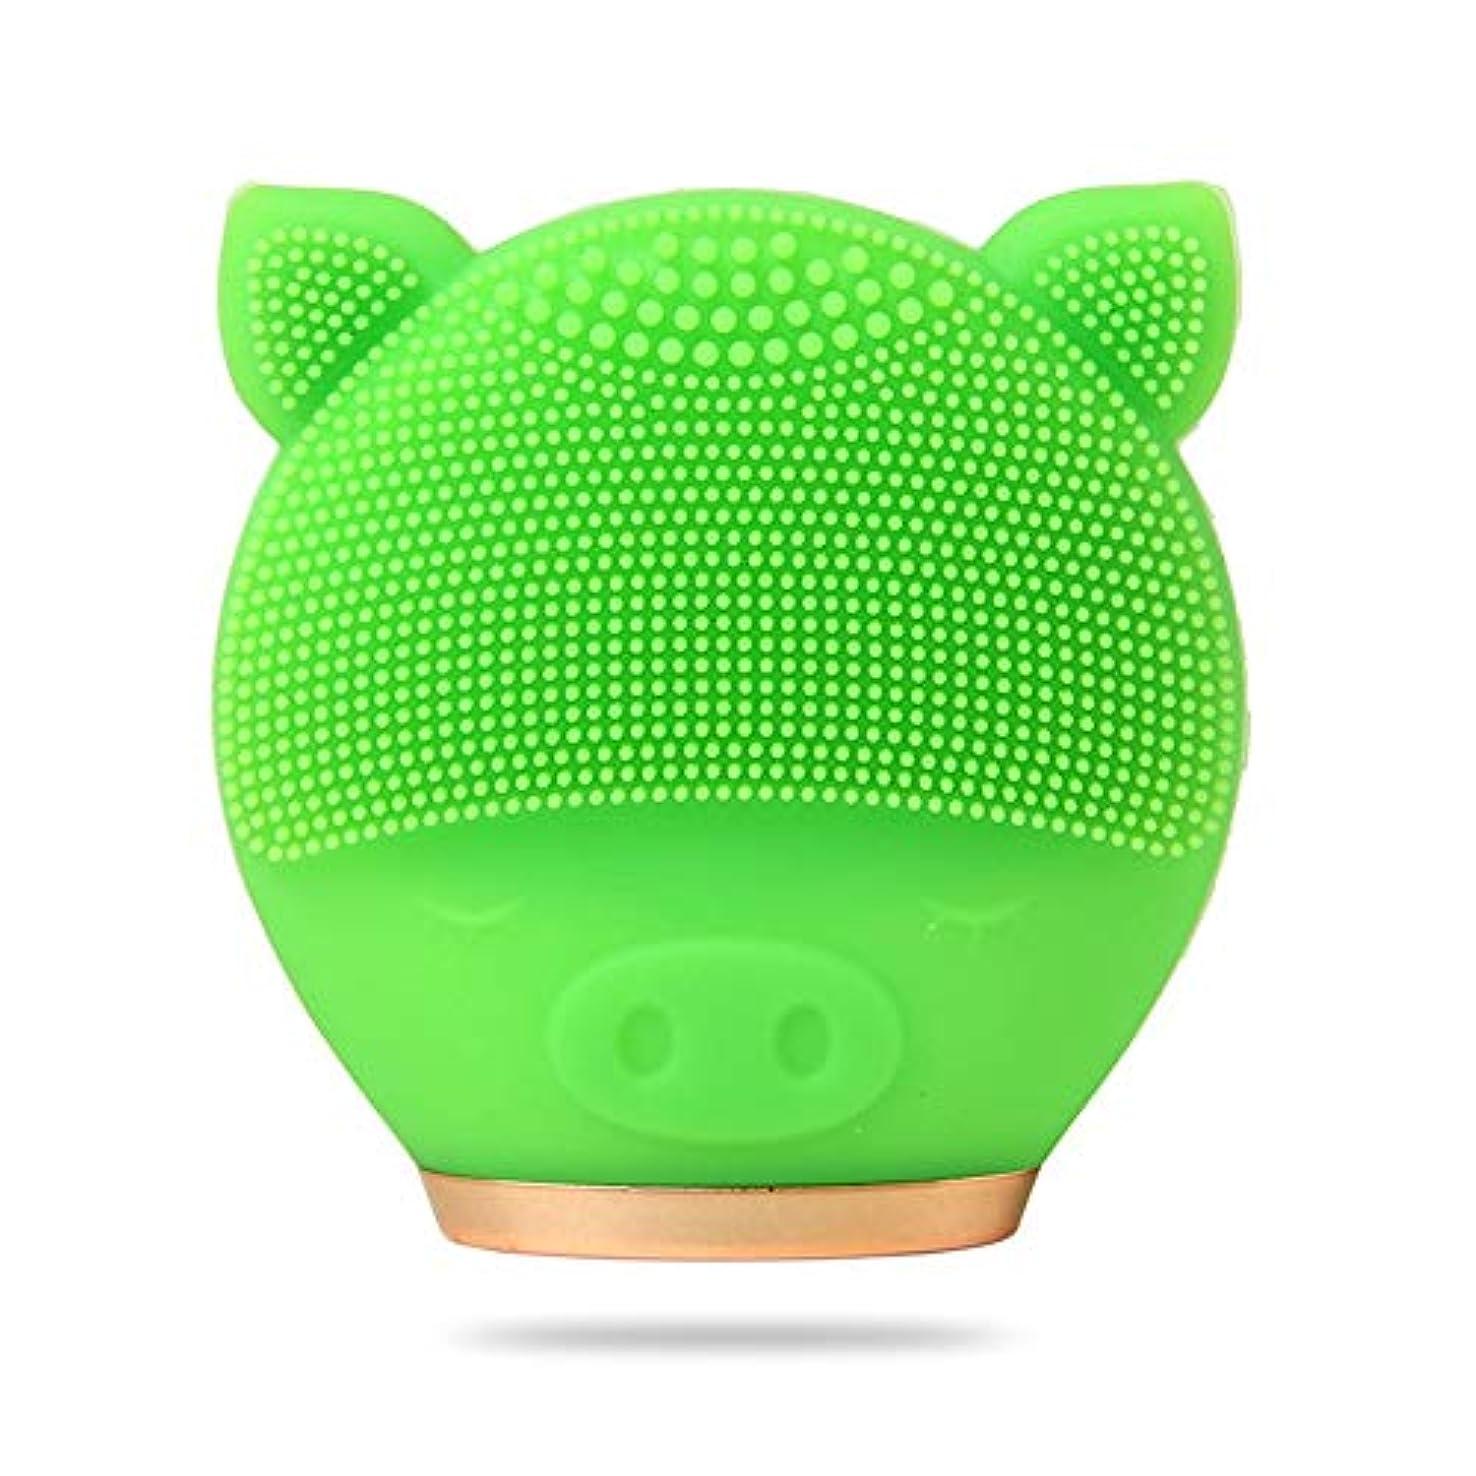 インストラクターハチ取り壊すZXF 新しい豚モデル電気クレンジング楽器シリコーン超音波振動洗浄顔顔毛穴クリーナー美容器具 滑らかである (色 : Green)